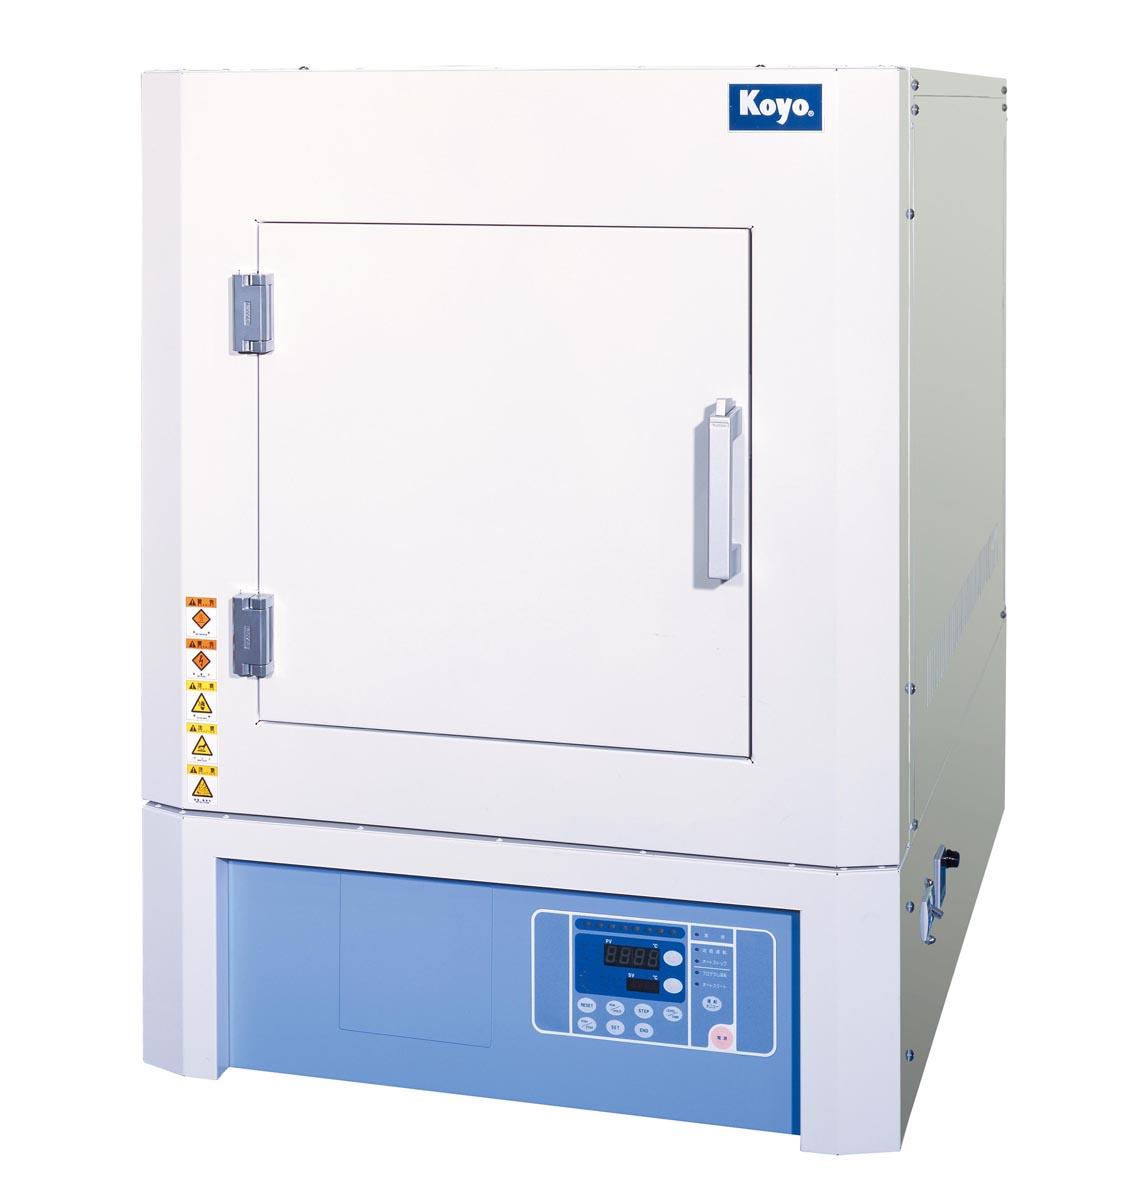 光洋サーモシステム 小型ボックス炉 KBF668N1